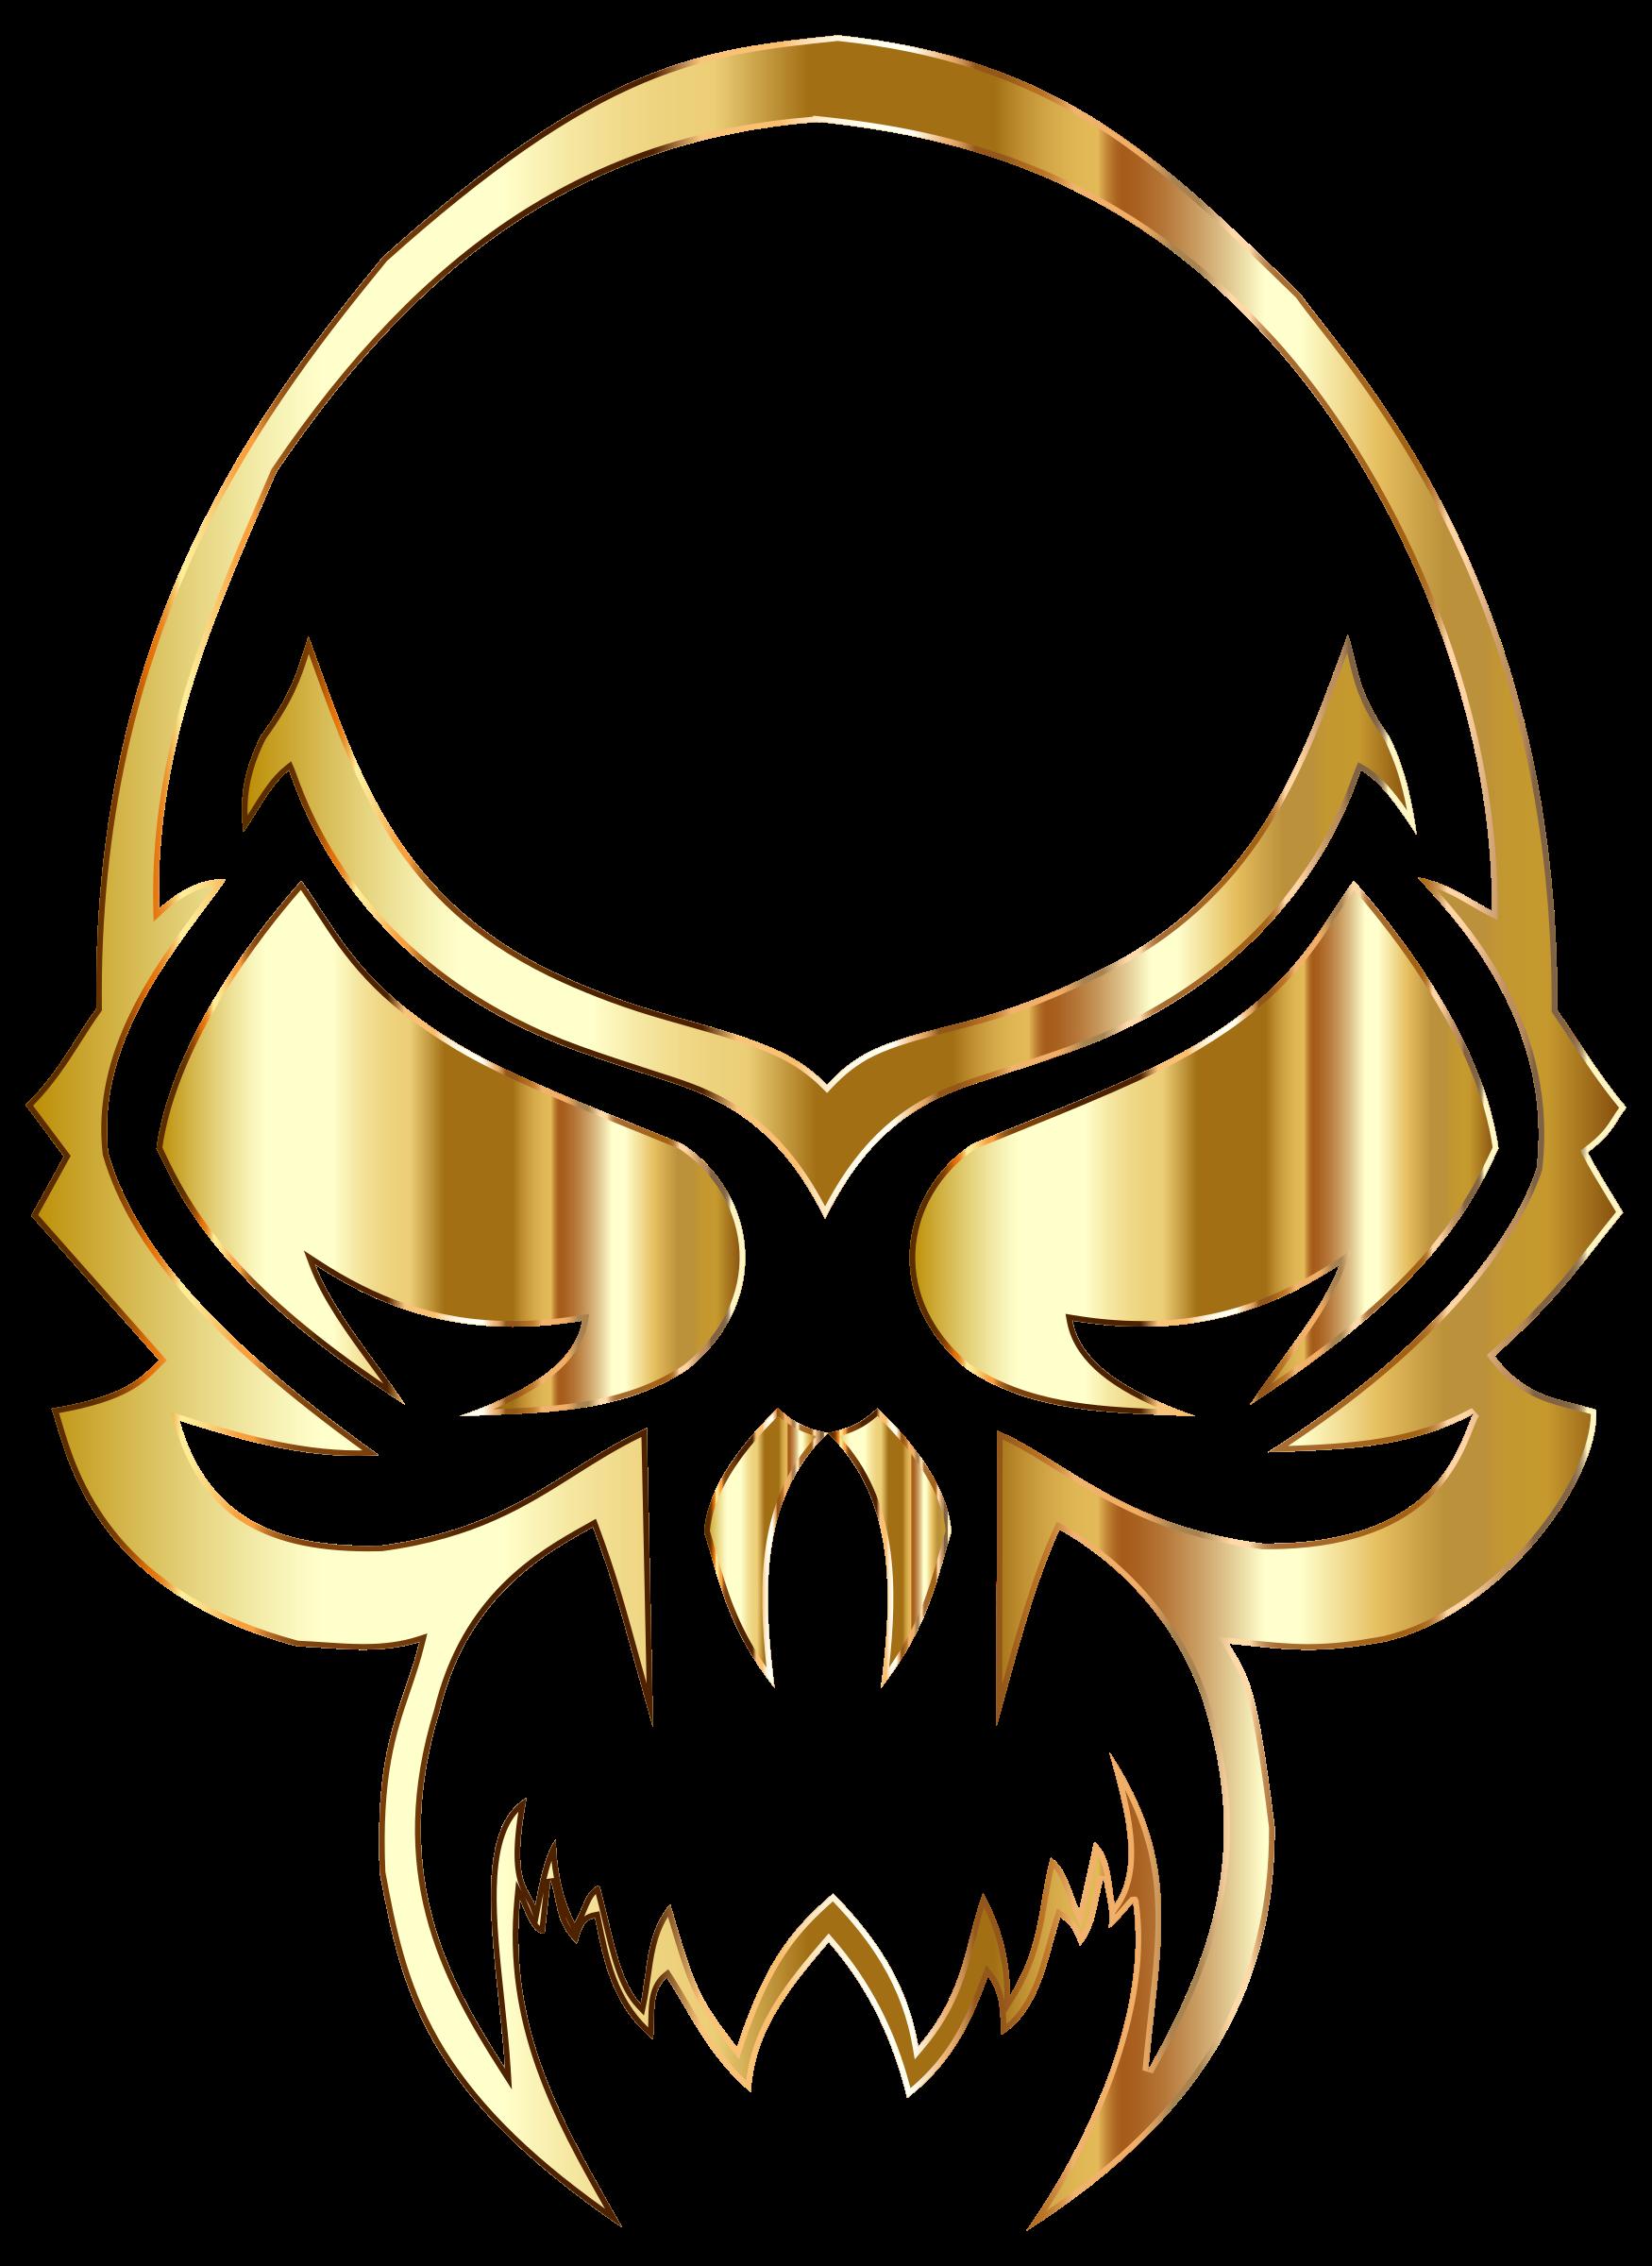 Longhorn clipart skeleton. Golden skull big image